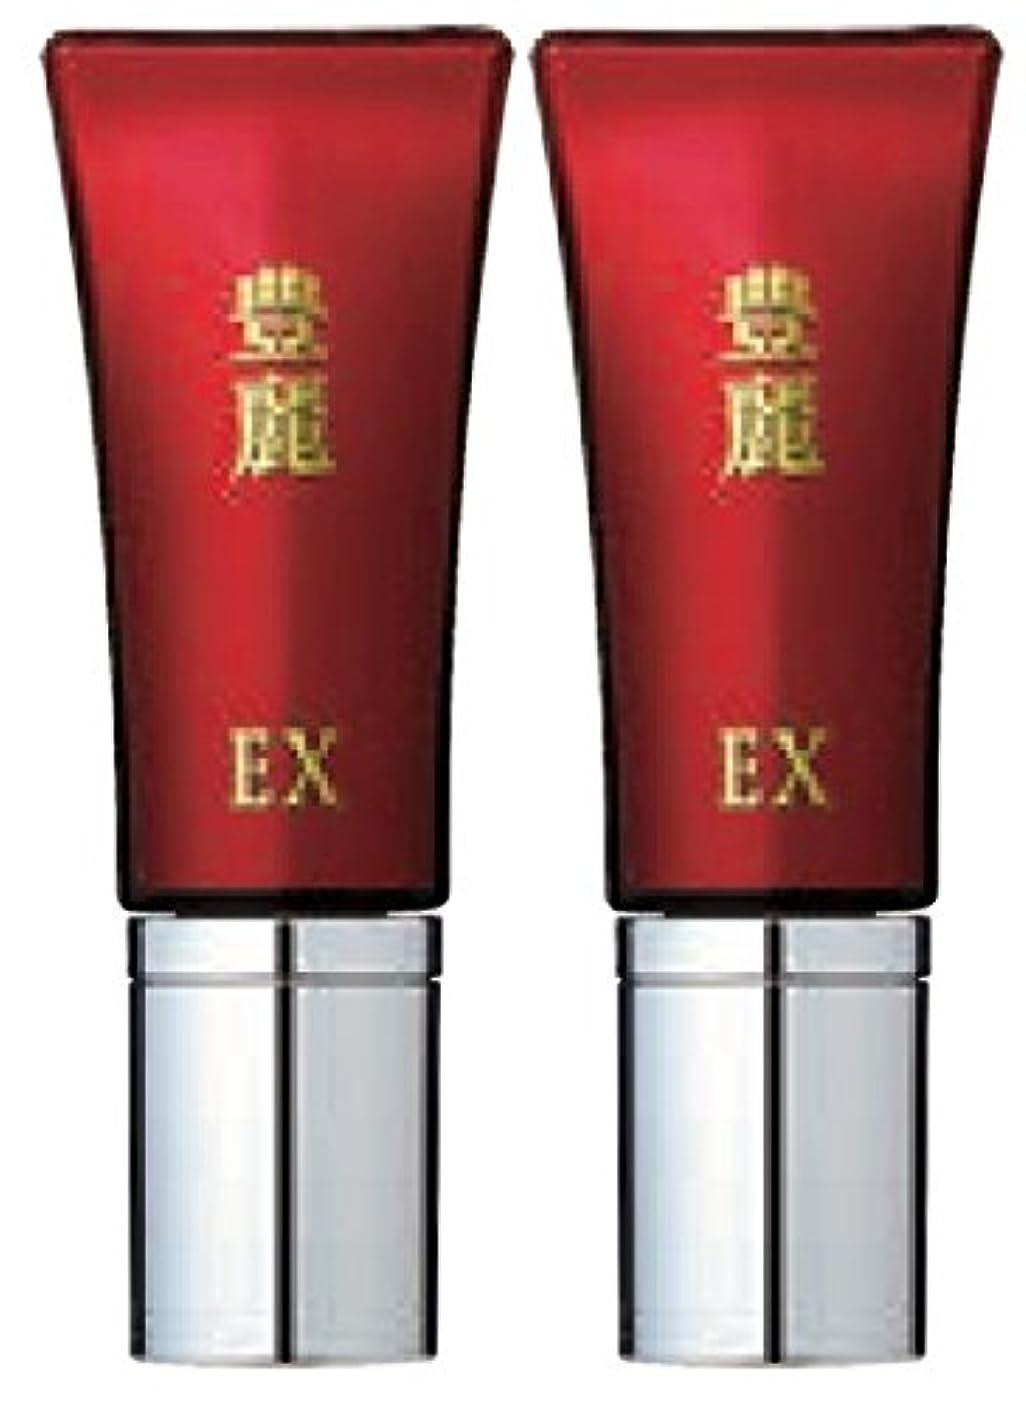 企業チャンピオン乙女豊麗EX 16g 2本セット TVショッピングで話題のハリ肌美容液